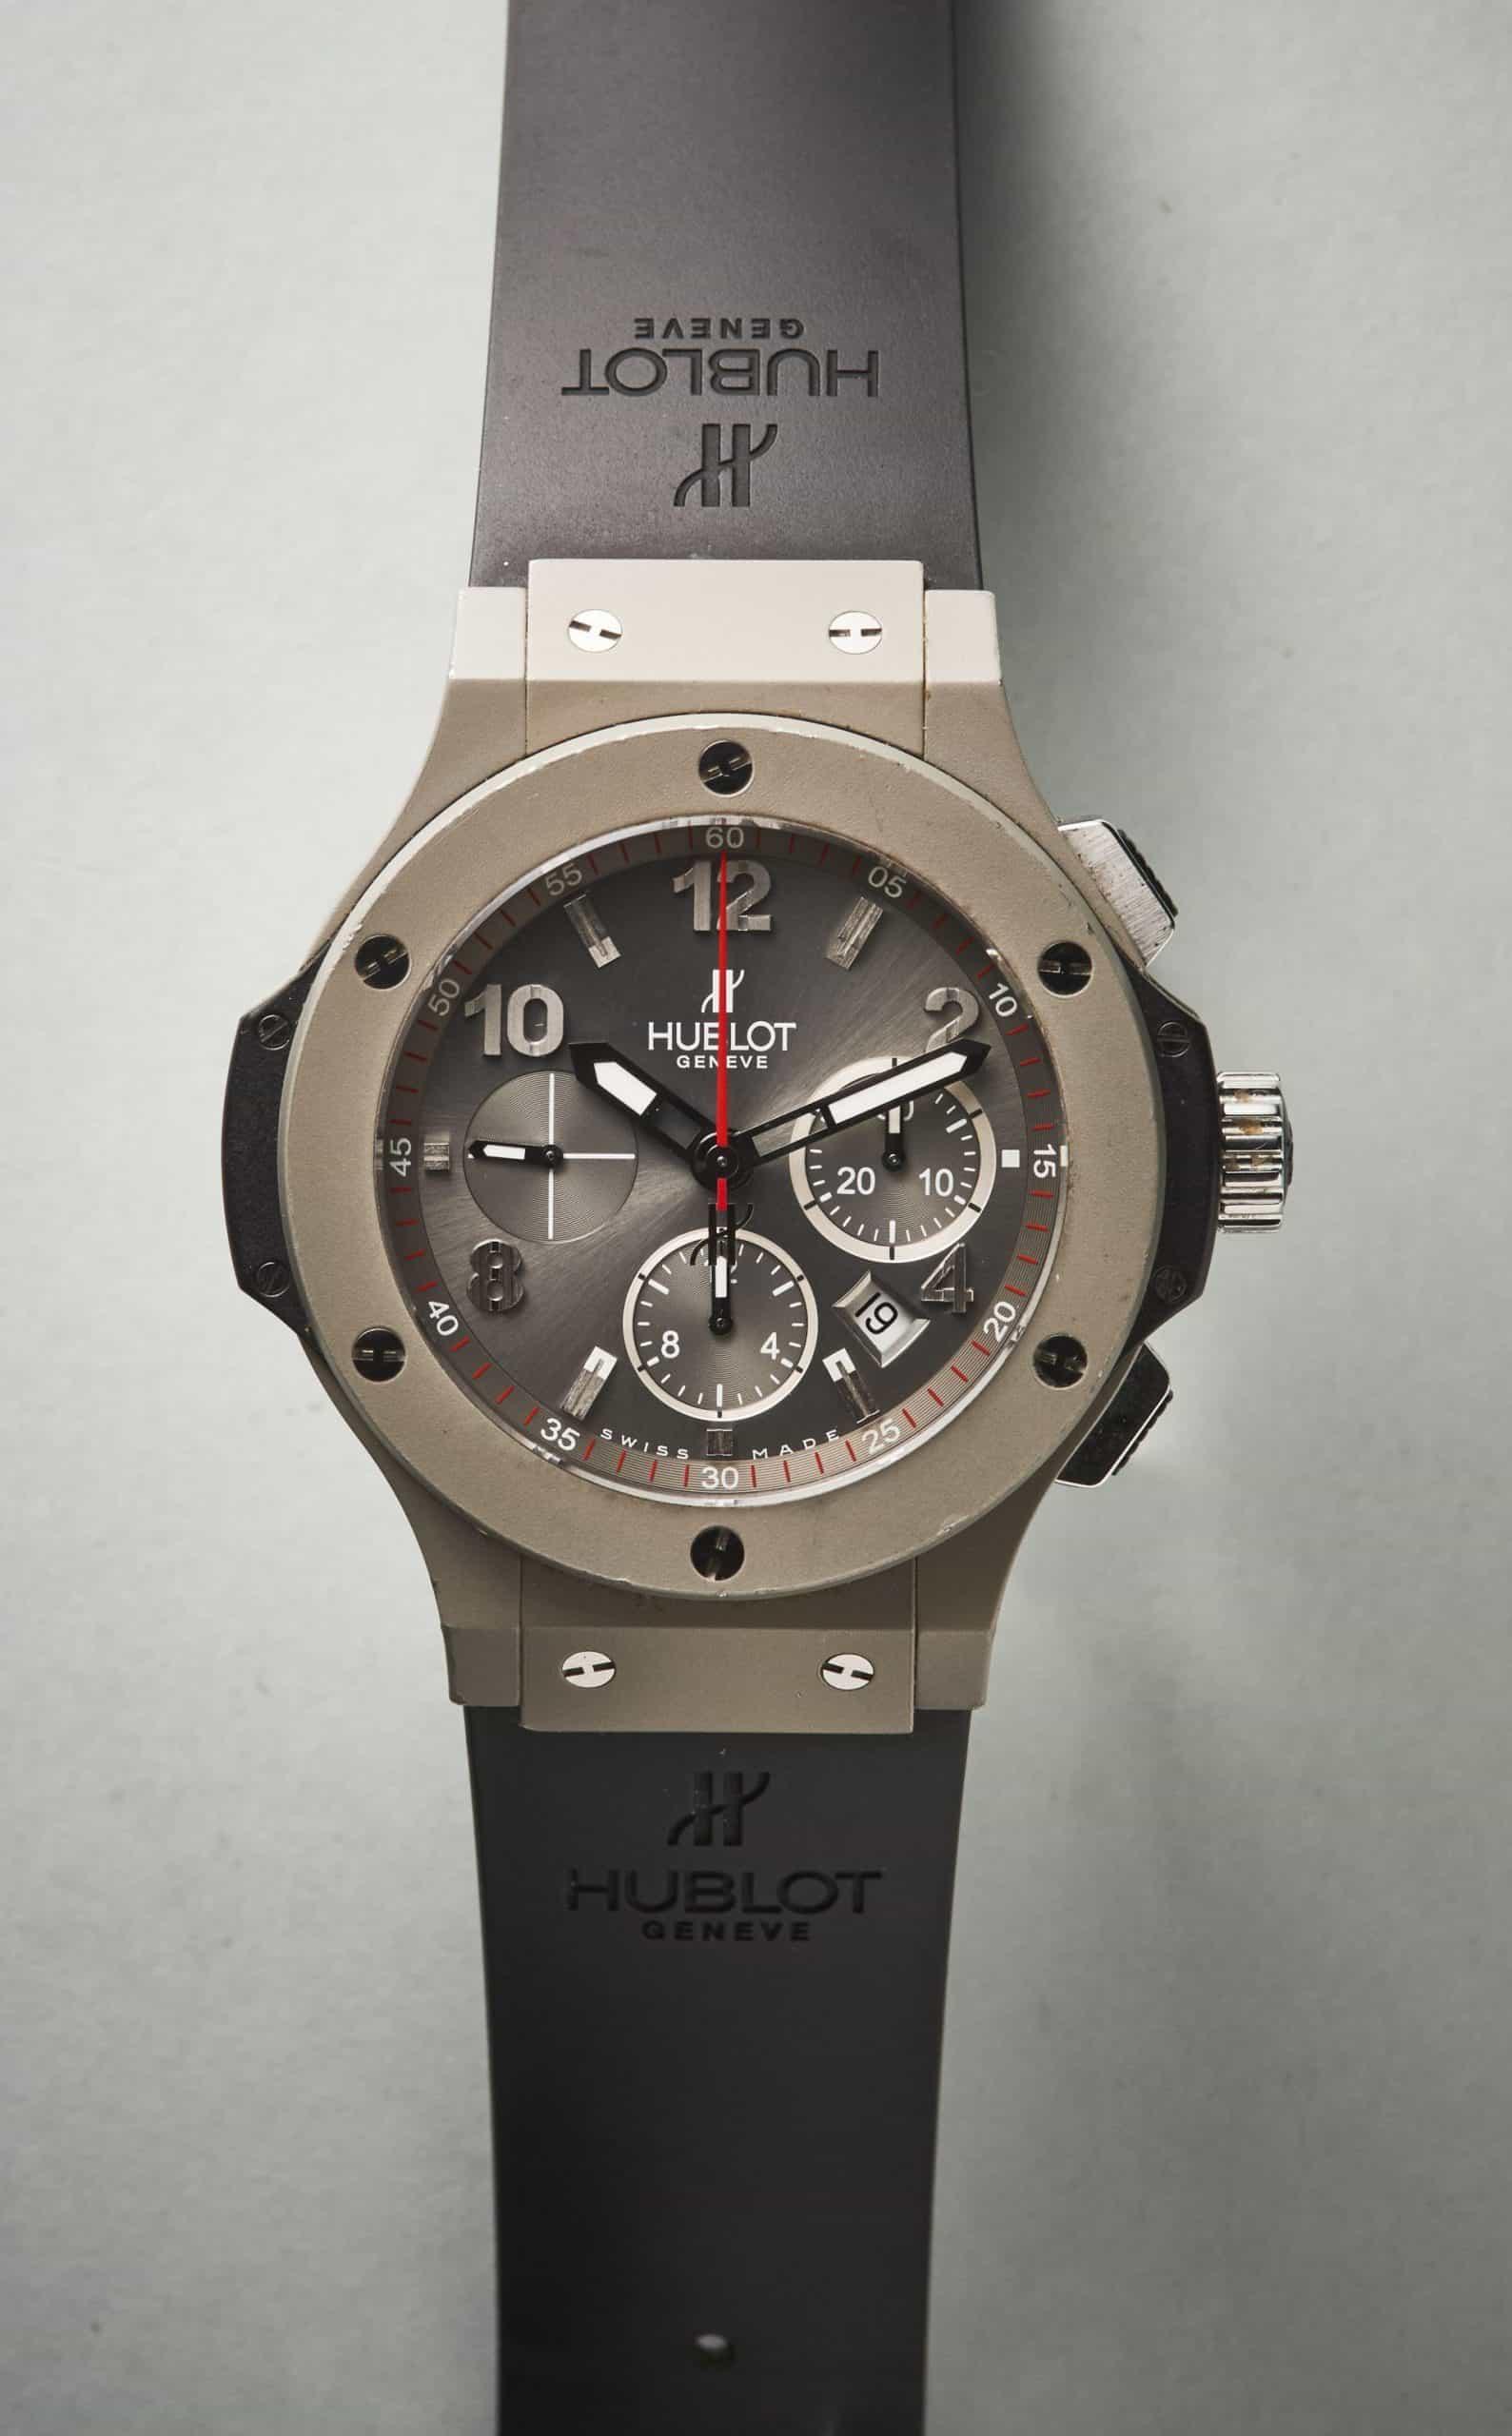 Uhren aus Aluminium wie die Hublonium Aluminium-Gehäuse der Hublot Mag Bang Referenz 320.UI.440.RX werden selten